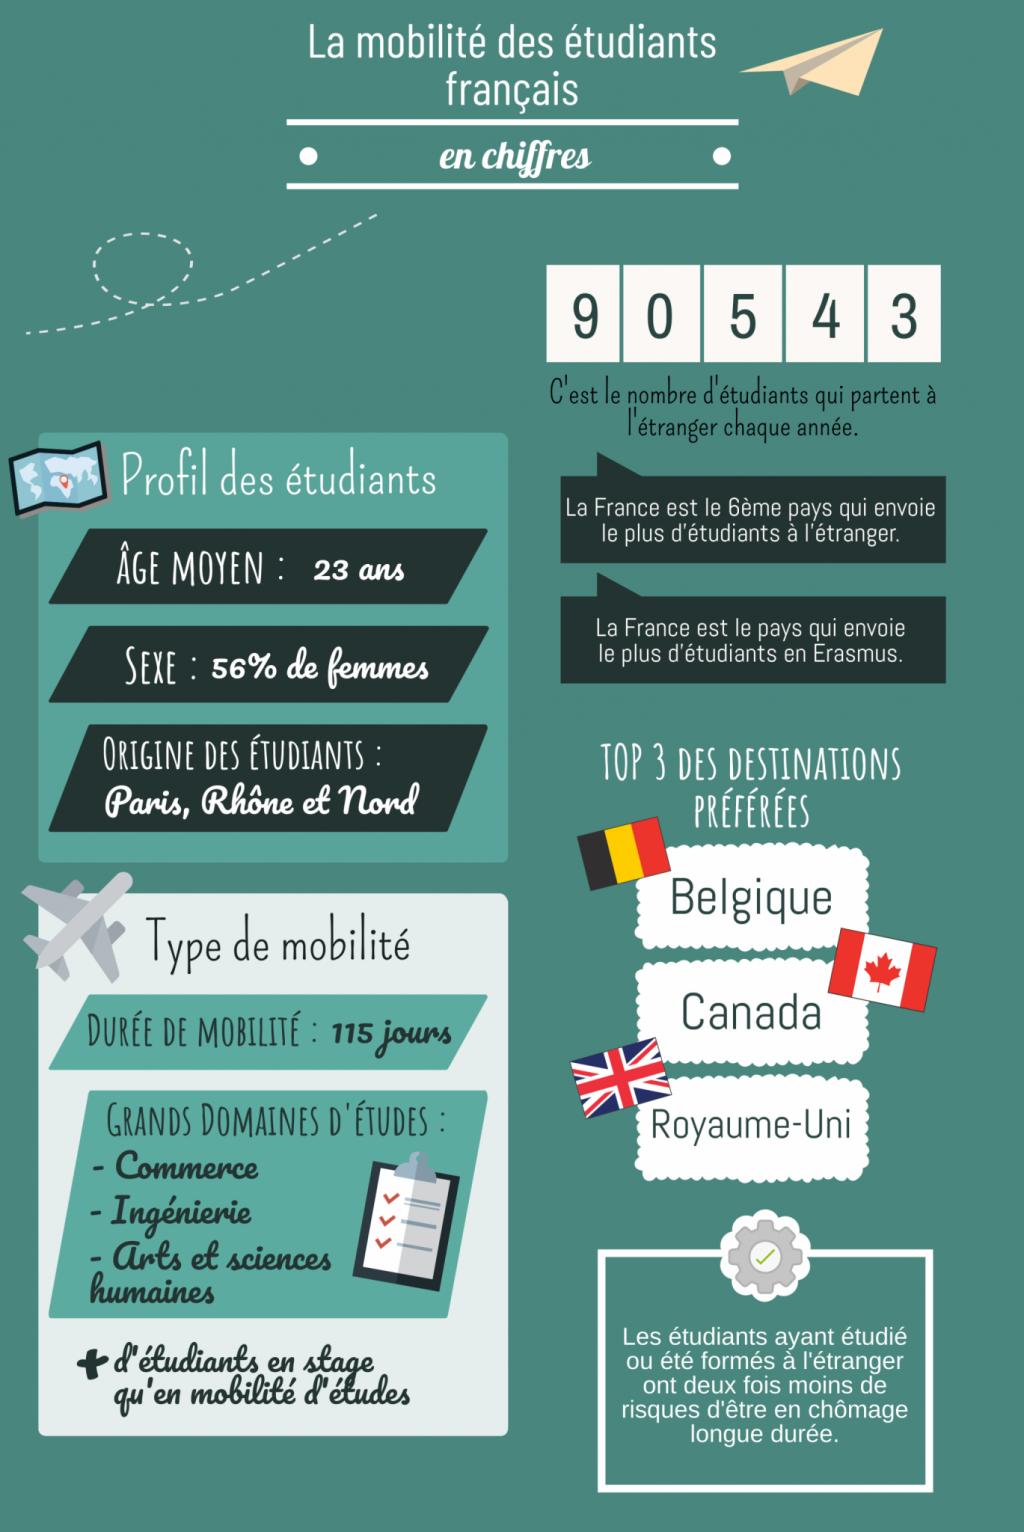 La mobilité des étudiants français en quelques chiffres. //©Pauline Bluteau